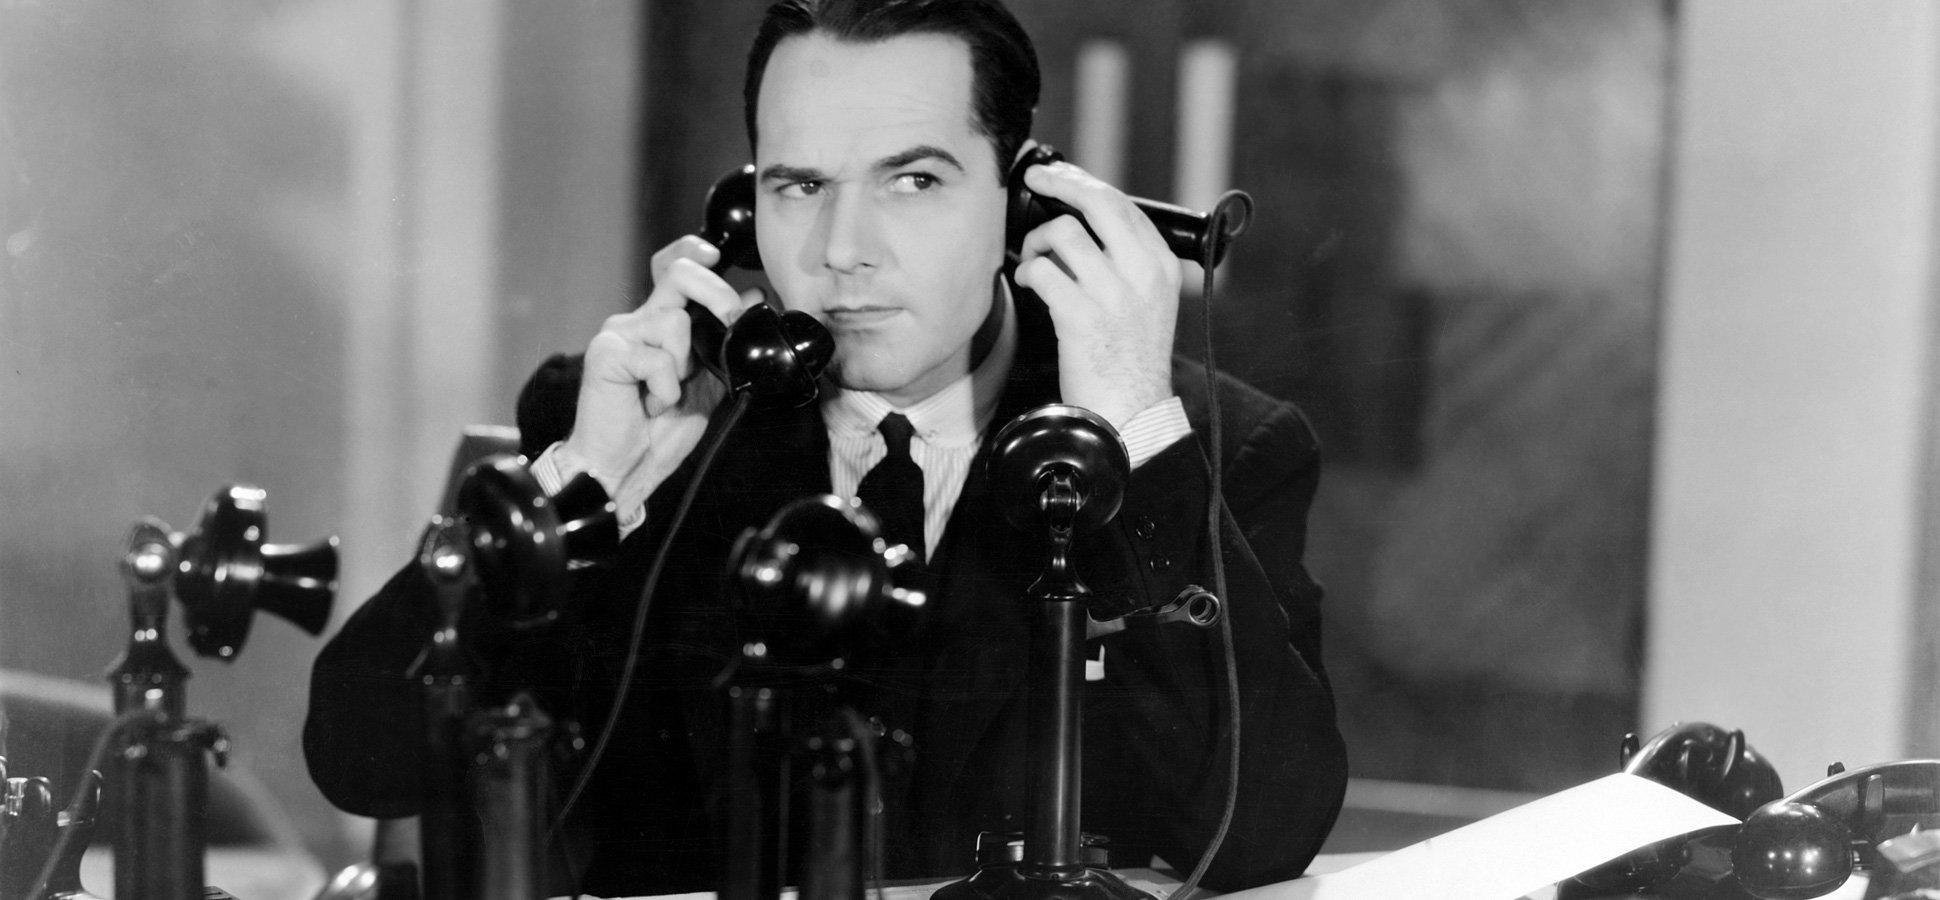 IT-sales-old-time-phone.jpg